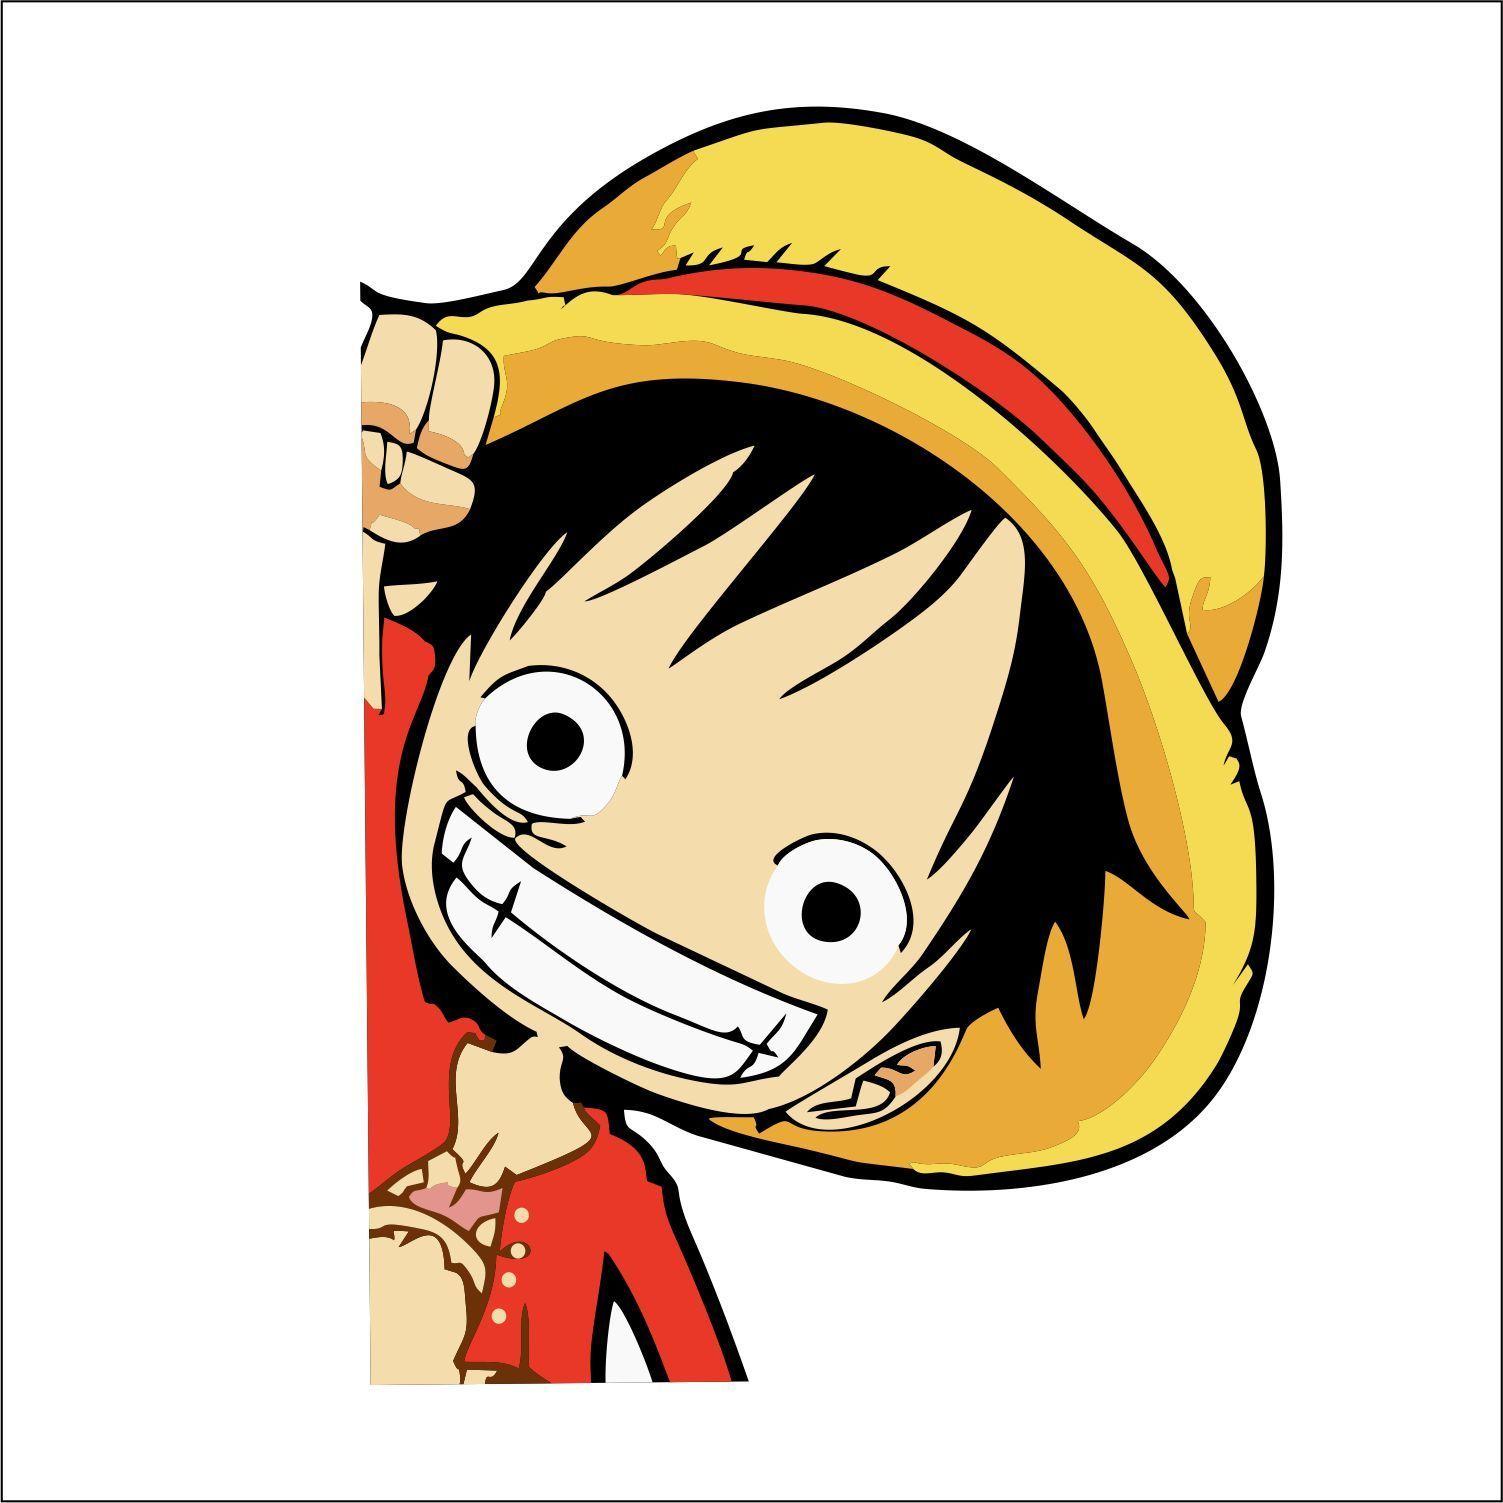 Monkey D Luffy Side Peeker Peeking Window Vinyl Decal Sticker One Piece Anime Vinyl Decals Monkey D Luffy Vinyl Decal Stickers